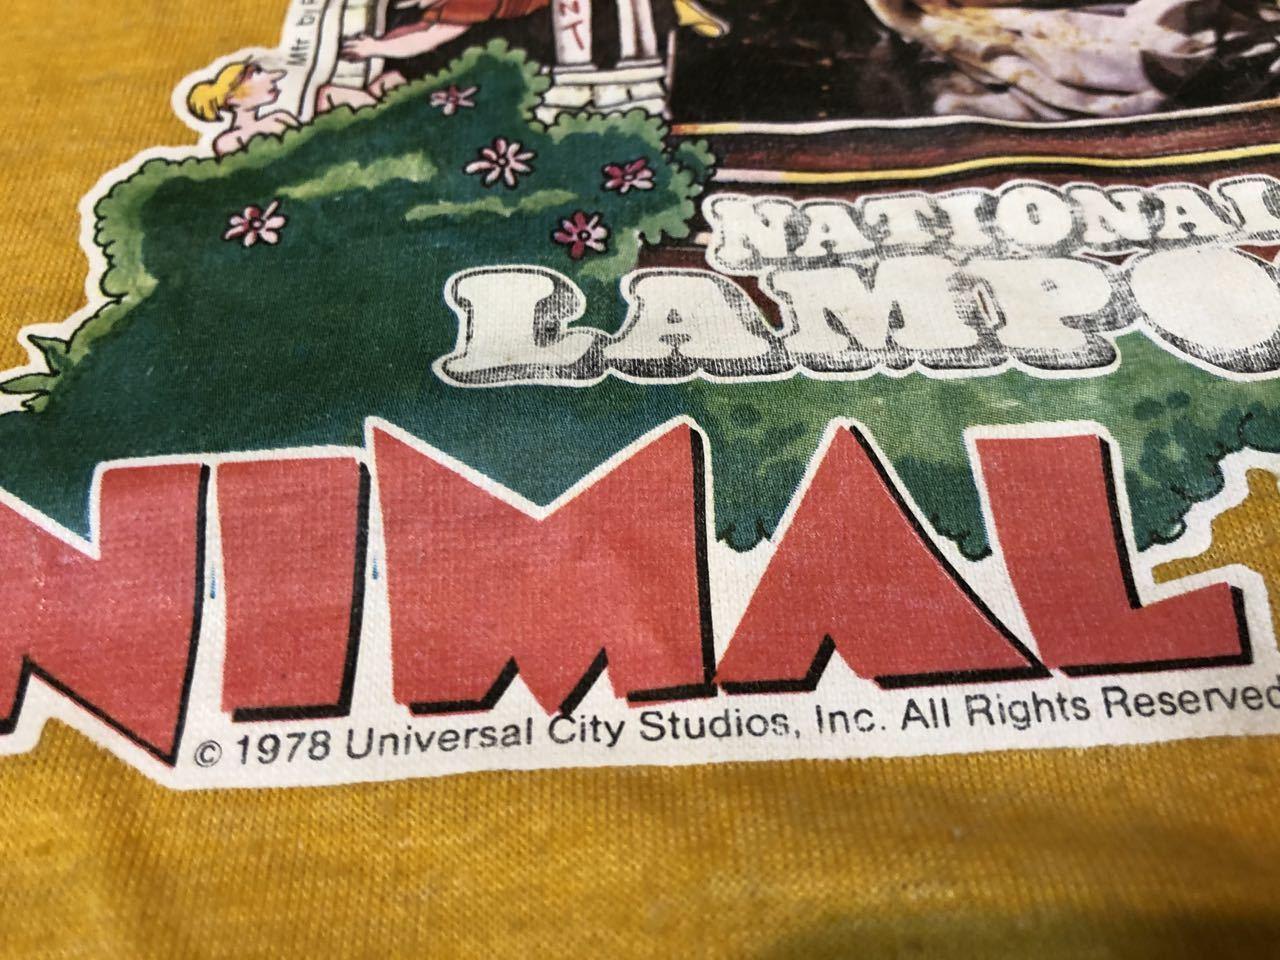 8月3日(月)入荷!70s 映画 アニマルハウス Tシャツ! ジョンベルーシ/映画T/movieTシャツ_c0144020_13233162.jpg